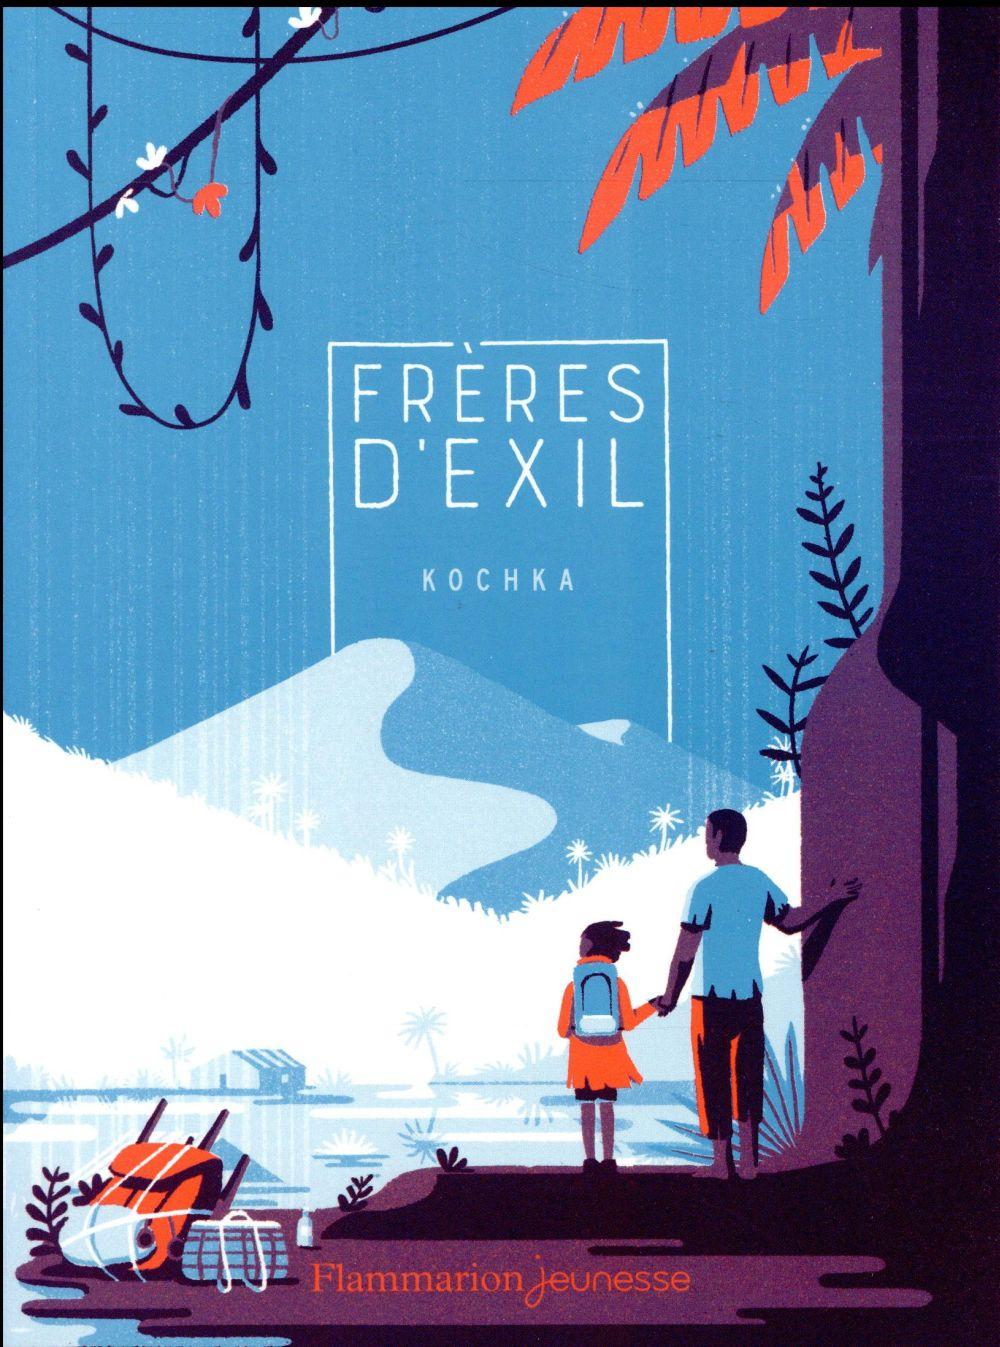 FRERES D'EXIL